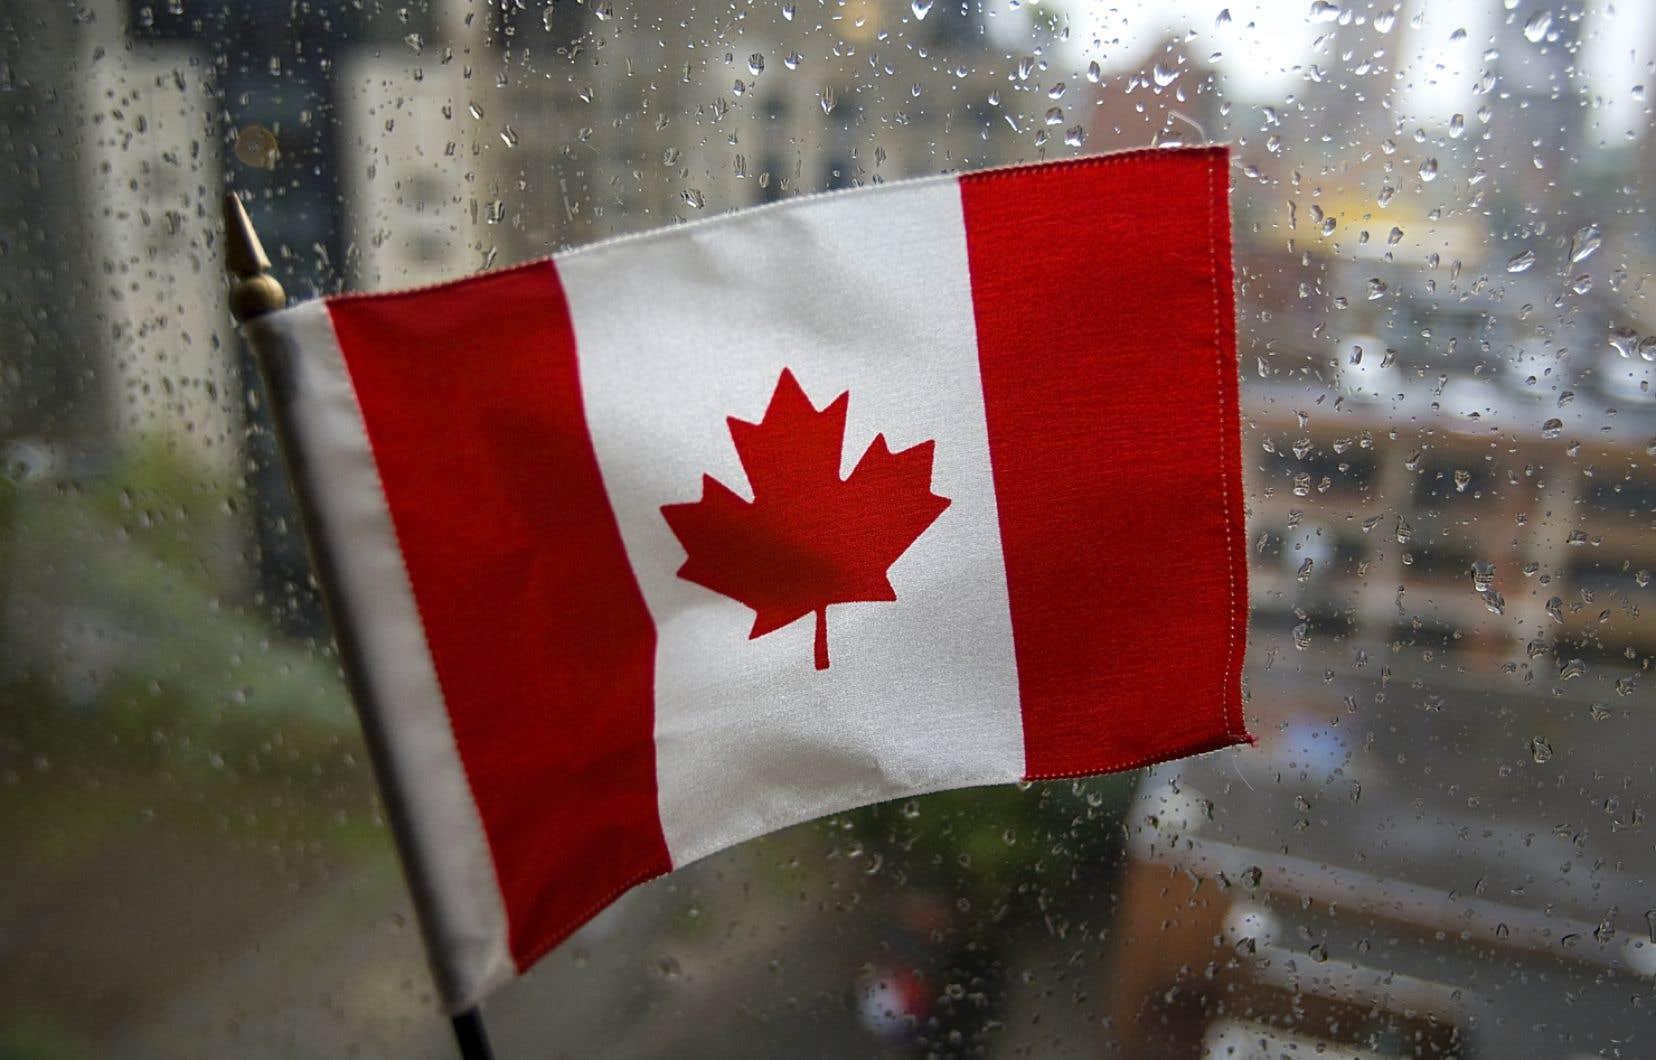 L'un des demandeurs, Michael McAteer, 79 ans, qui vit au Canada depuis près de 50 ans, prêter allégeance au Canada suffit.